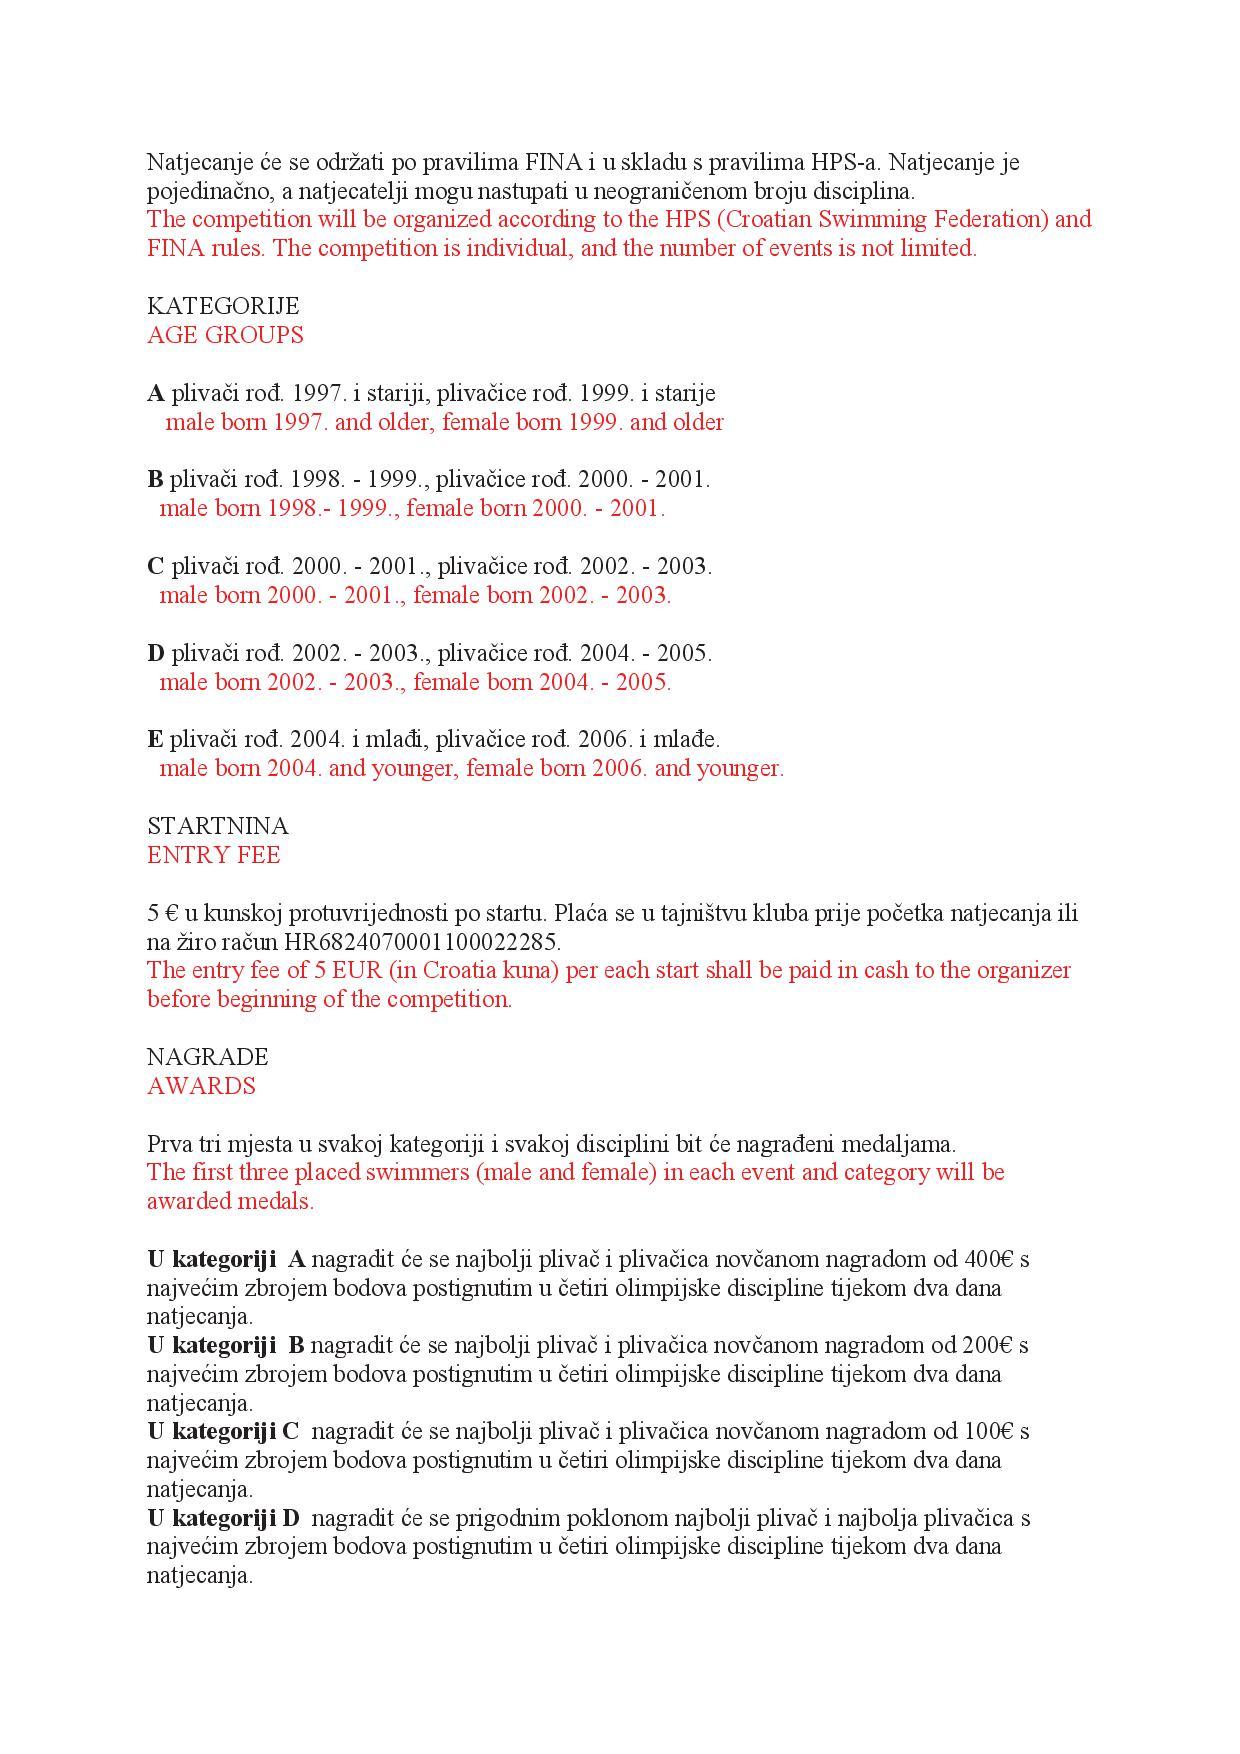 Пропозиције натјецања у PDF формату на језику организатора и енглеском, страна 2